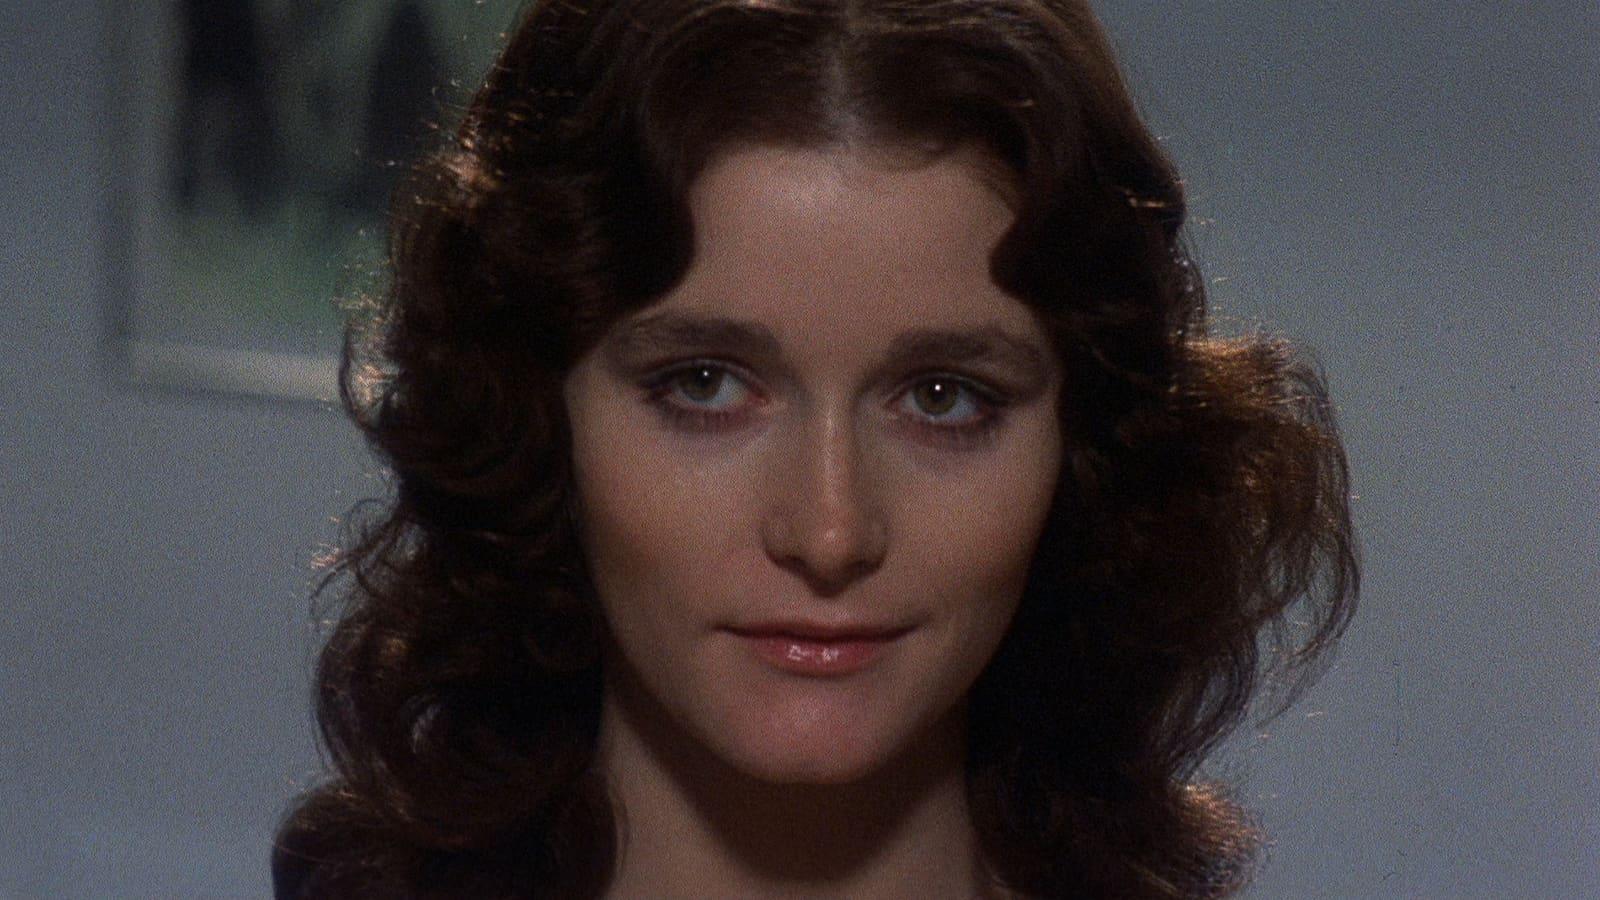 Margot Kidder in Sisters (1972)